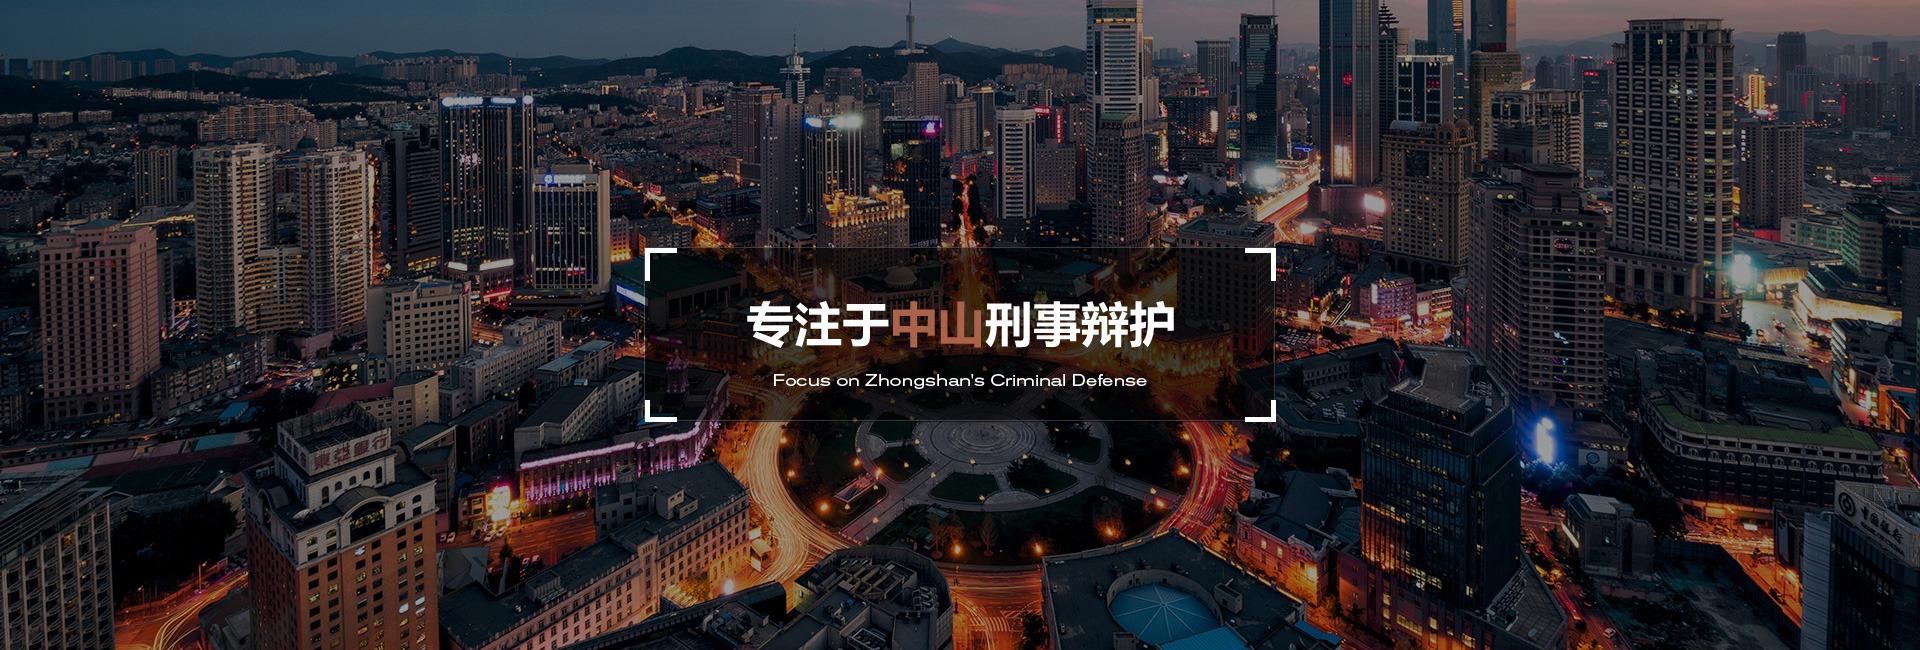 杨帆律师刑事辩护网-杨帆律师